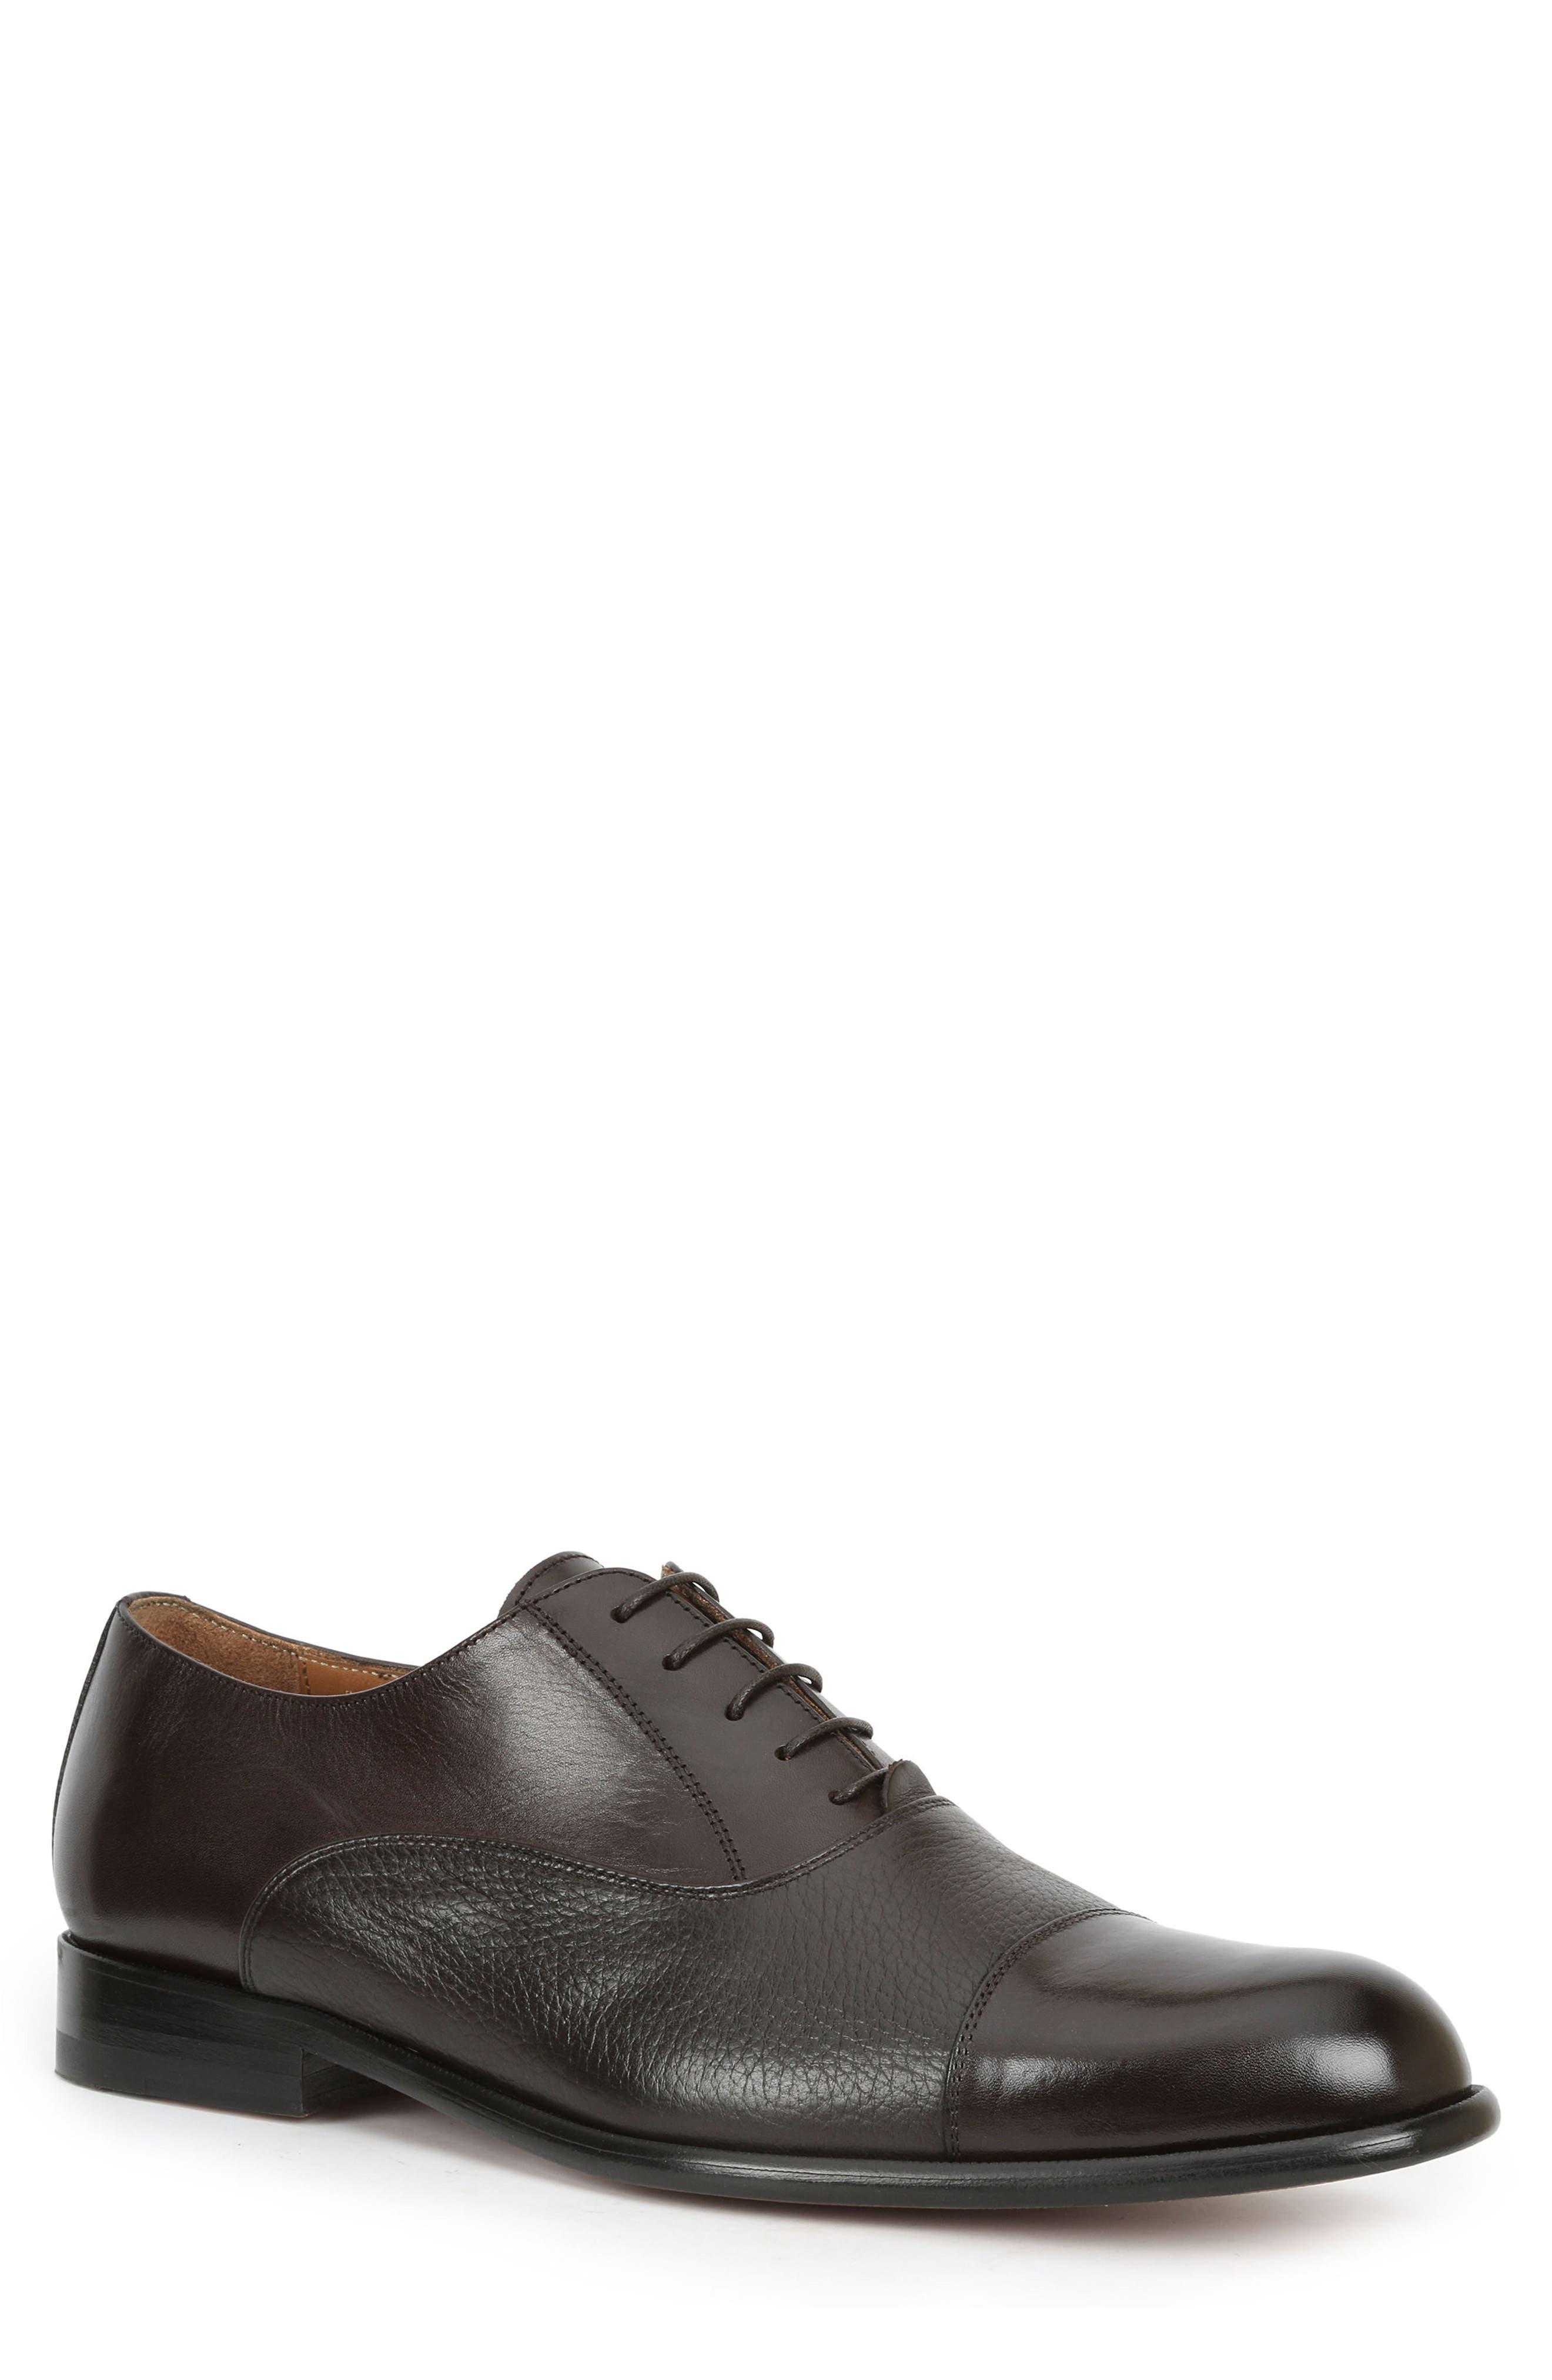 BRUNO MAGLI Sassiolo Leather Cap Toe Oxfords in Dark Brown Leather